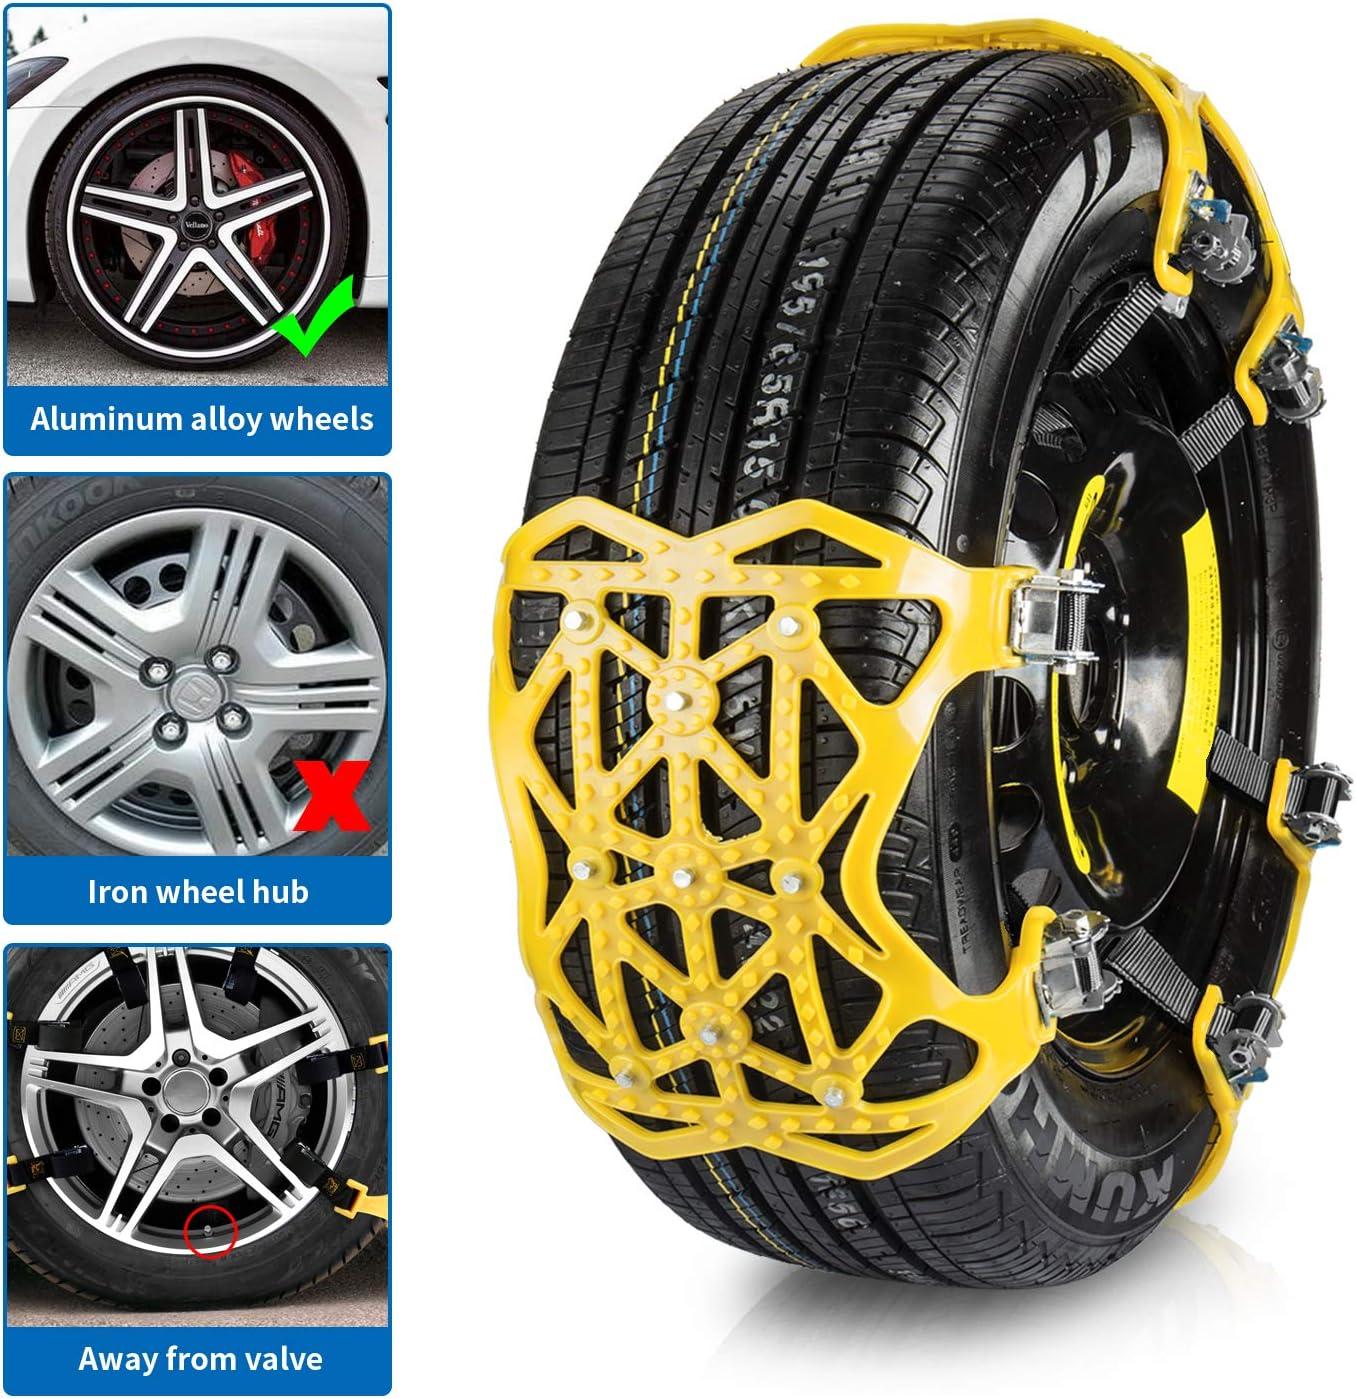 Qisiewell Universal Schneeketten 2020 Gelb Einfach Zu Montieren Reifen Schneekette Für Jede Reifenbreite 165 285mm 6 Teiliges Set Auto